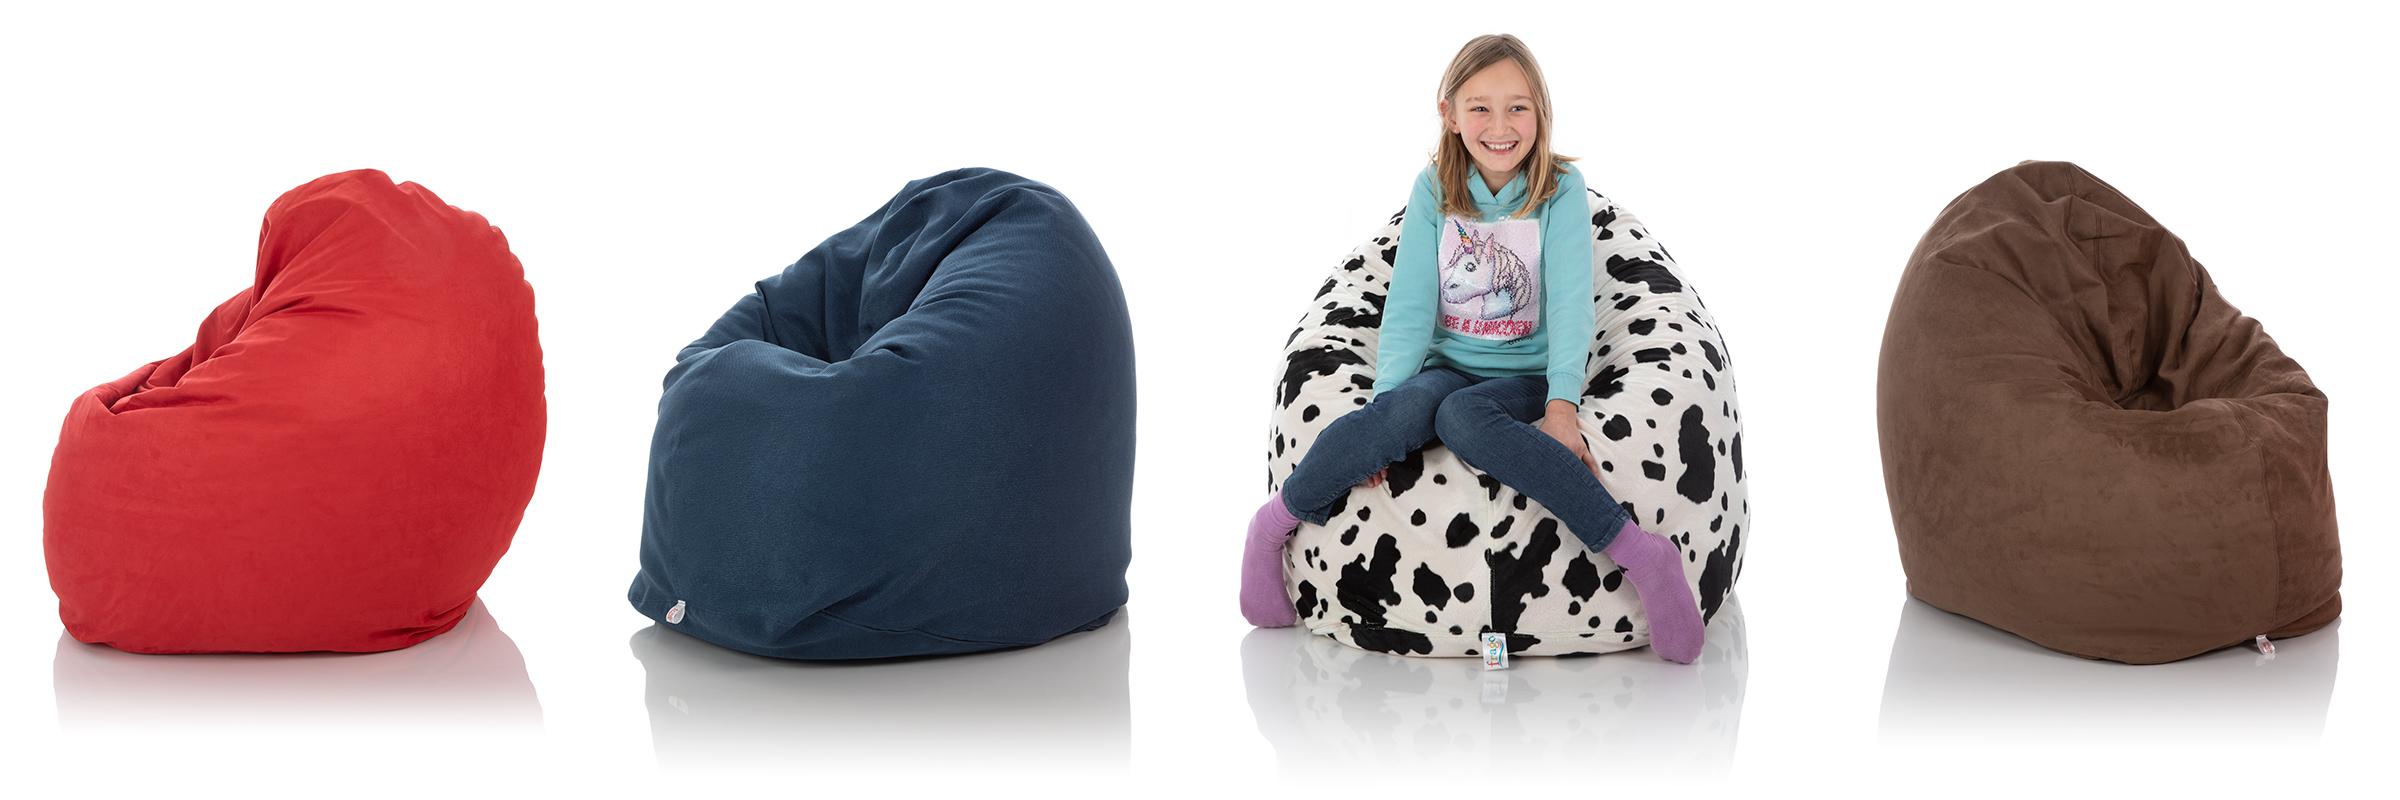 Kinder-Sitzsack rot, blau, schwarz-weiß und braun im Vergleich mit jungem Mädchen